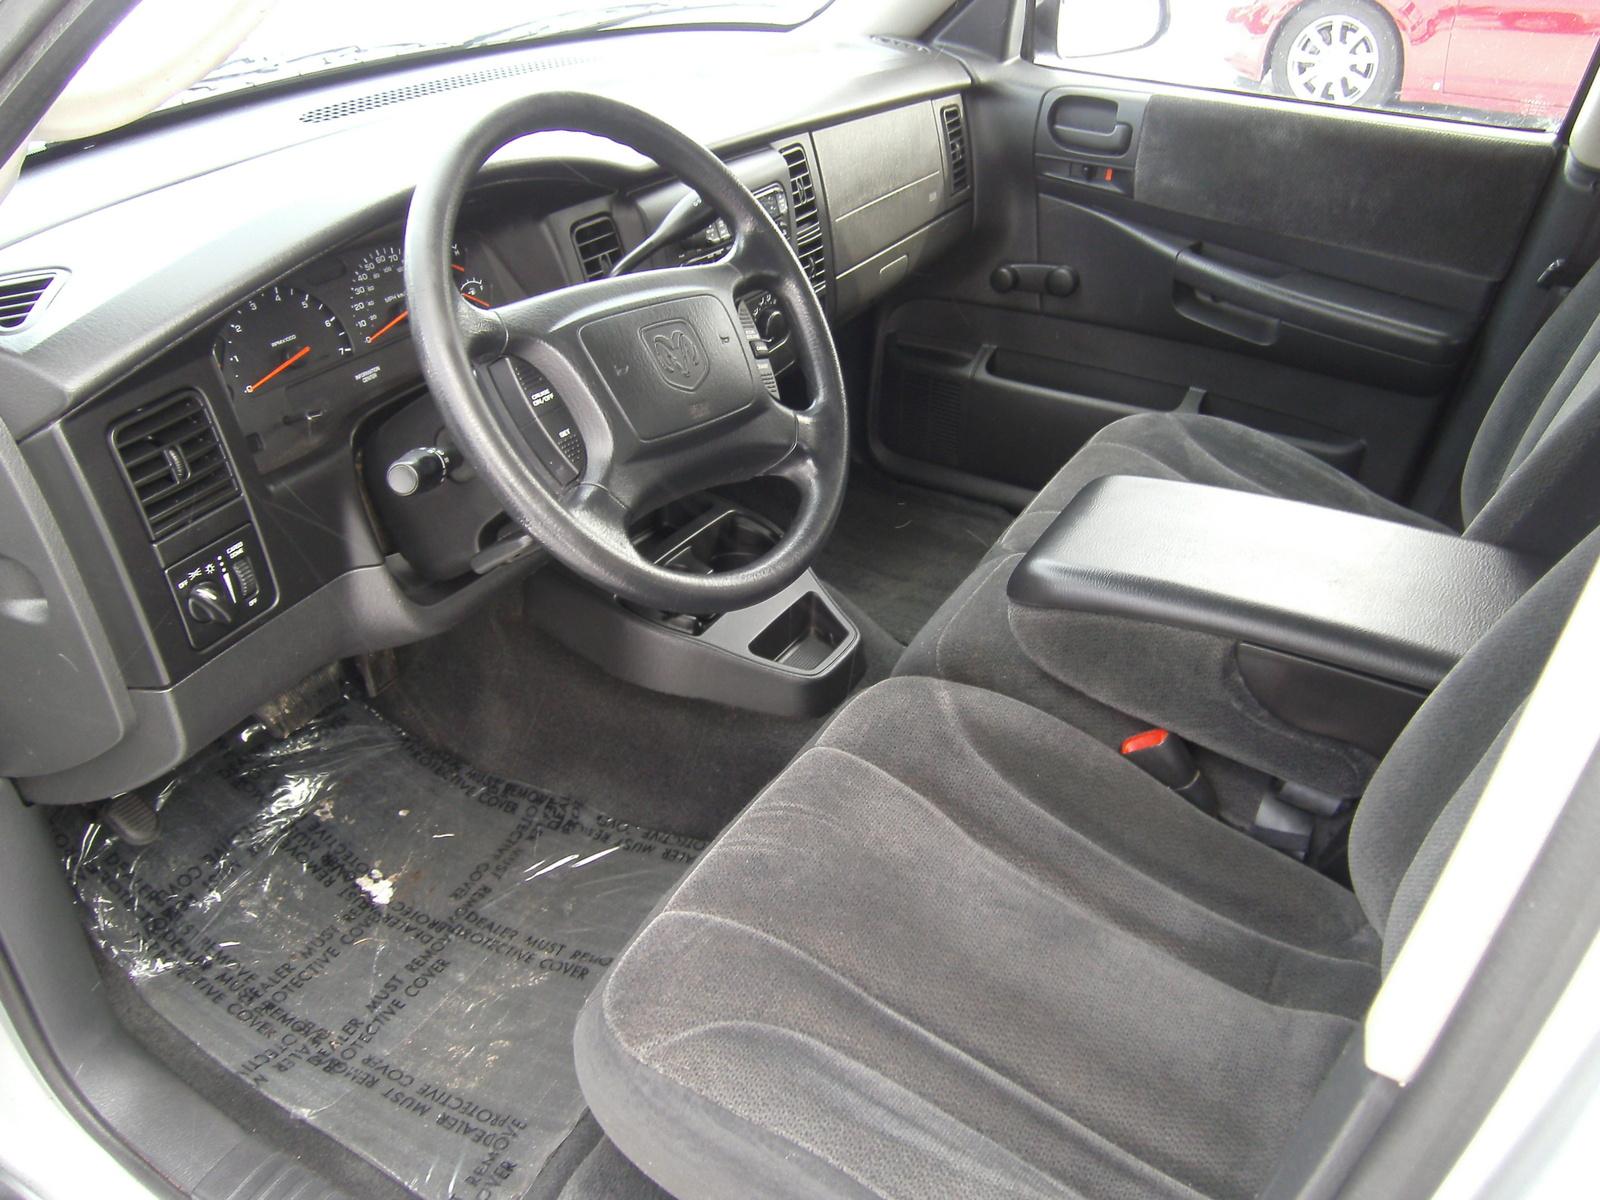 Dodge Dakota Dr Sport Wd Crew Cab Sb Pic on 2002 Dodge Dakota Slt Plus